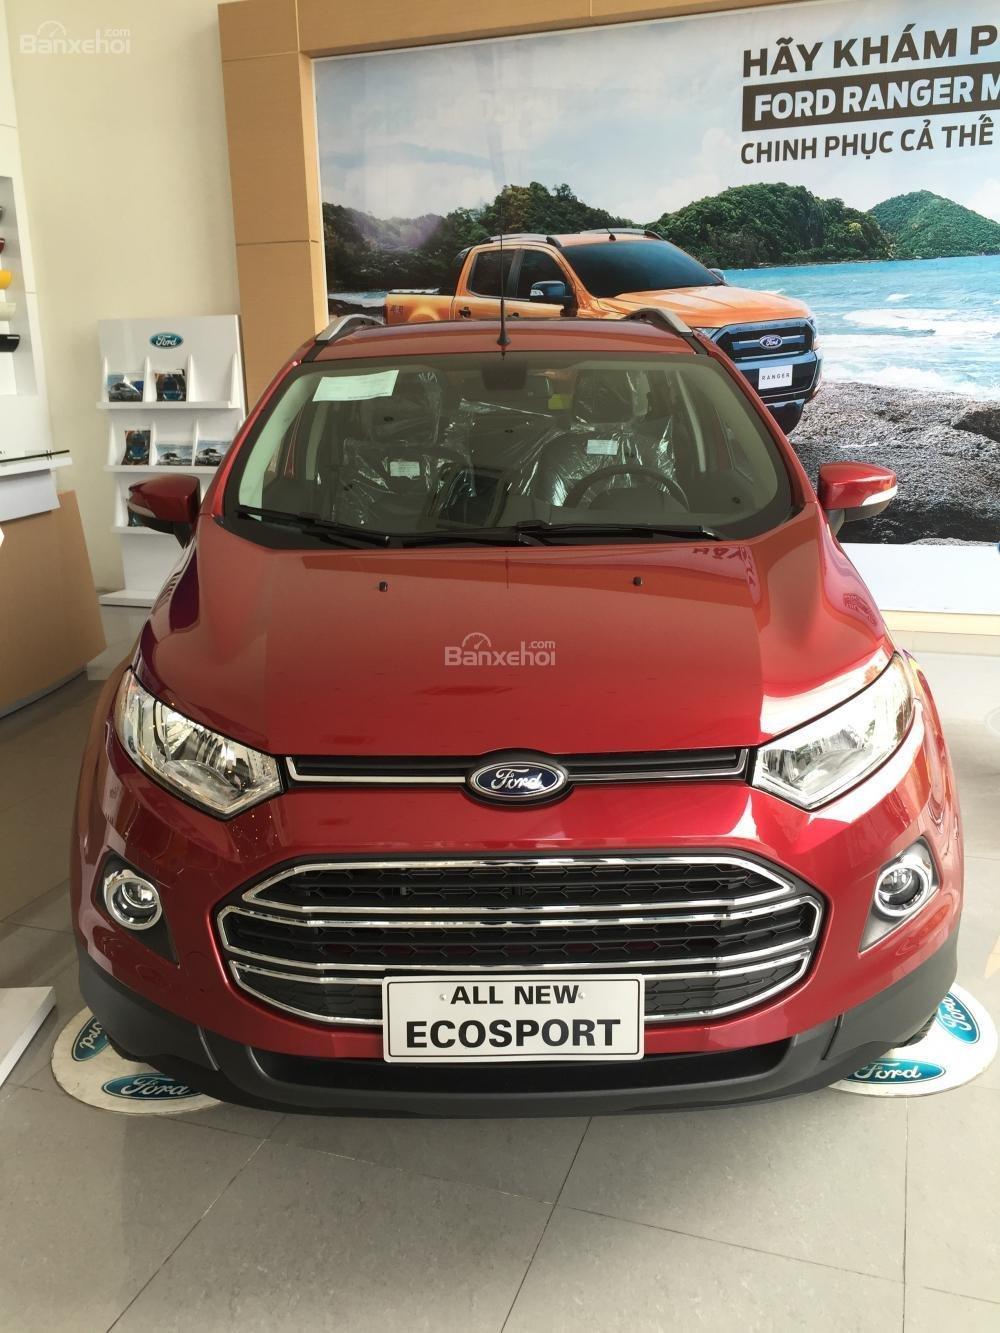 Cần bán Ford EcoSport Trend đời 2016 giá cạnh tranh nhất, giao xe ngay - L/H 0946 48 83 83-1